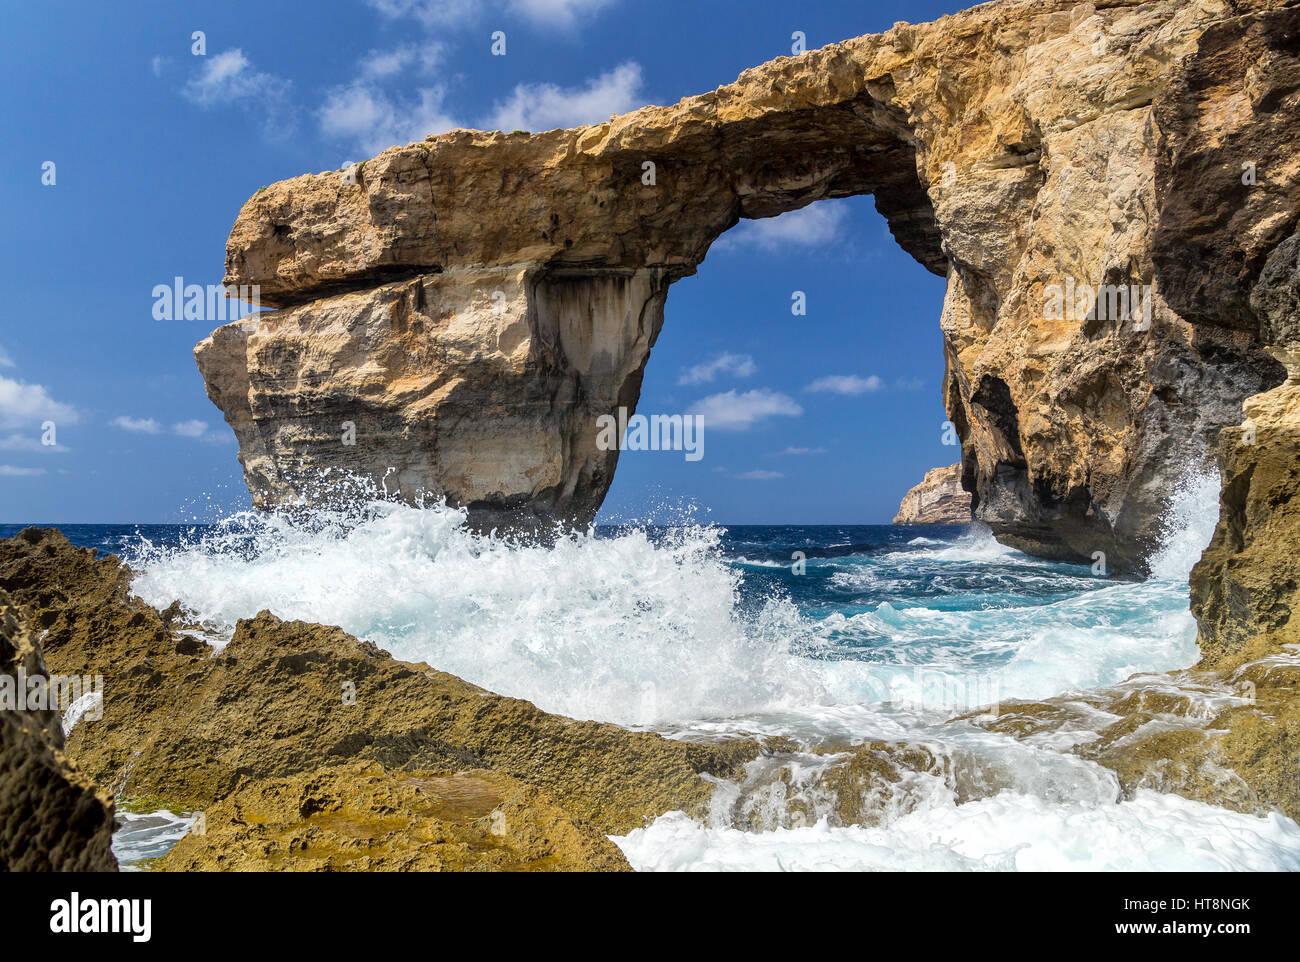 Azure Window - bellissima formazione rocciosa a Gozo, Malta. Questo è il ricordo di quel mondo miracolo - mare Immagini Stock